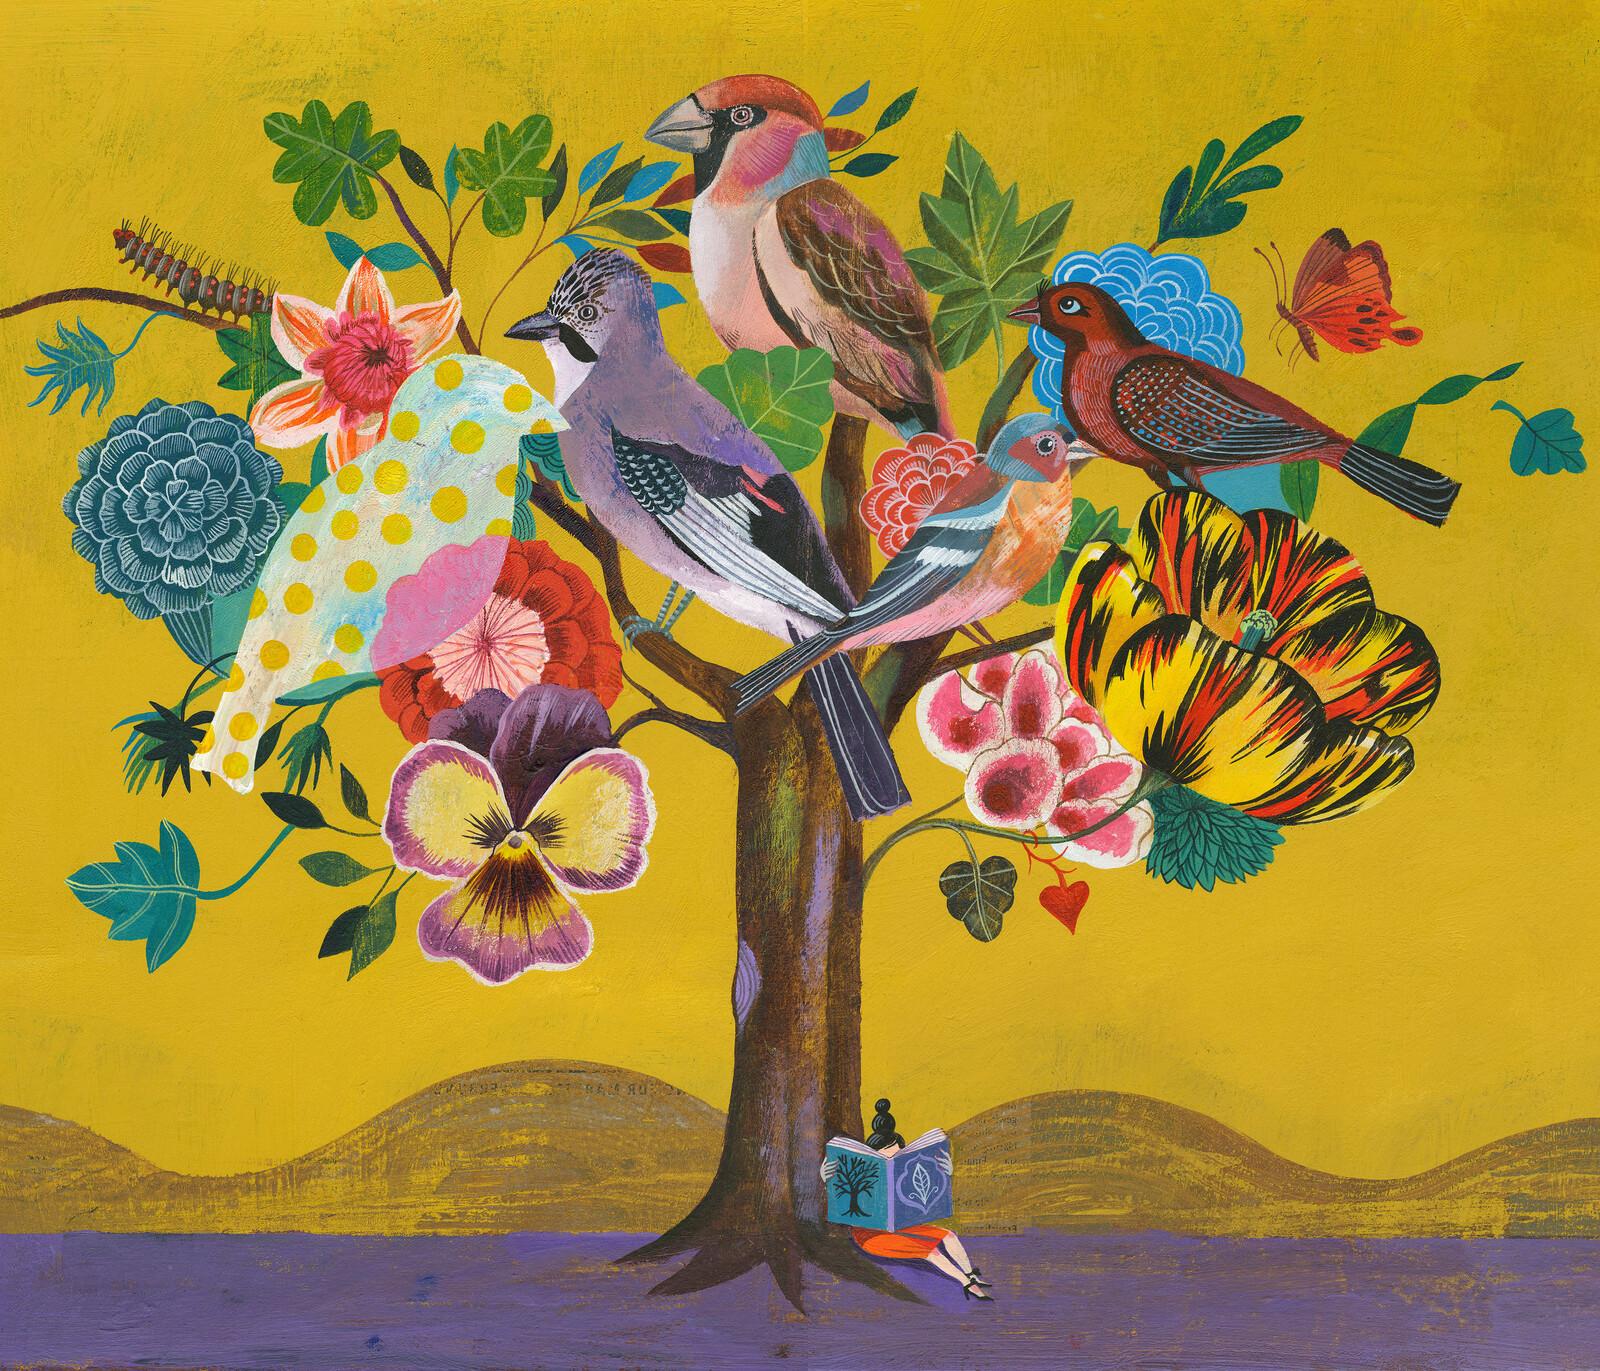 Big Tree - Olaf Hajek